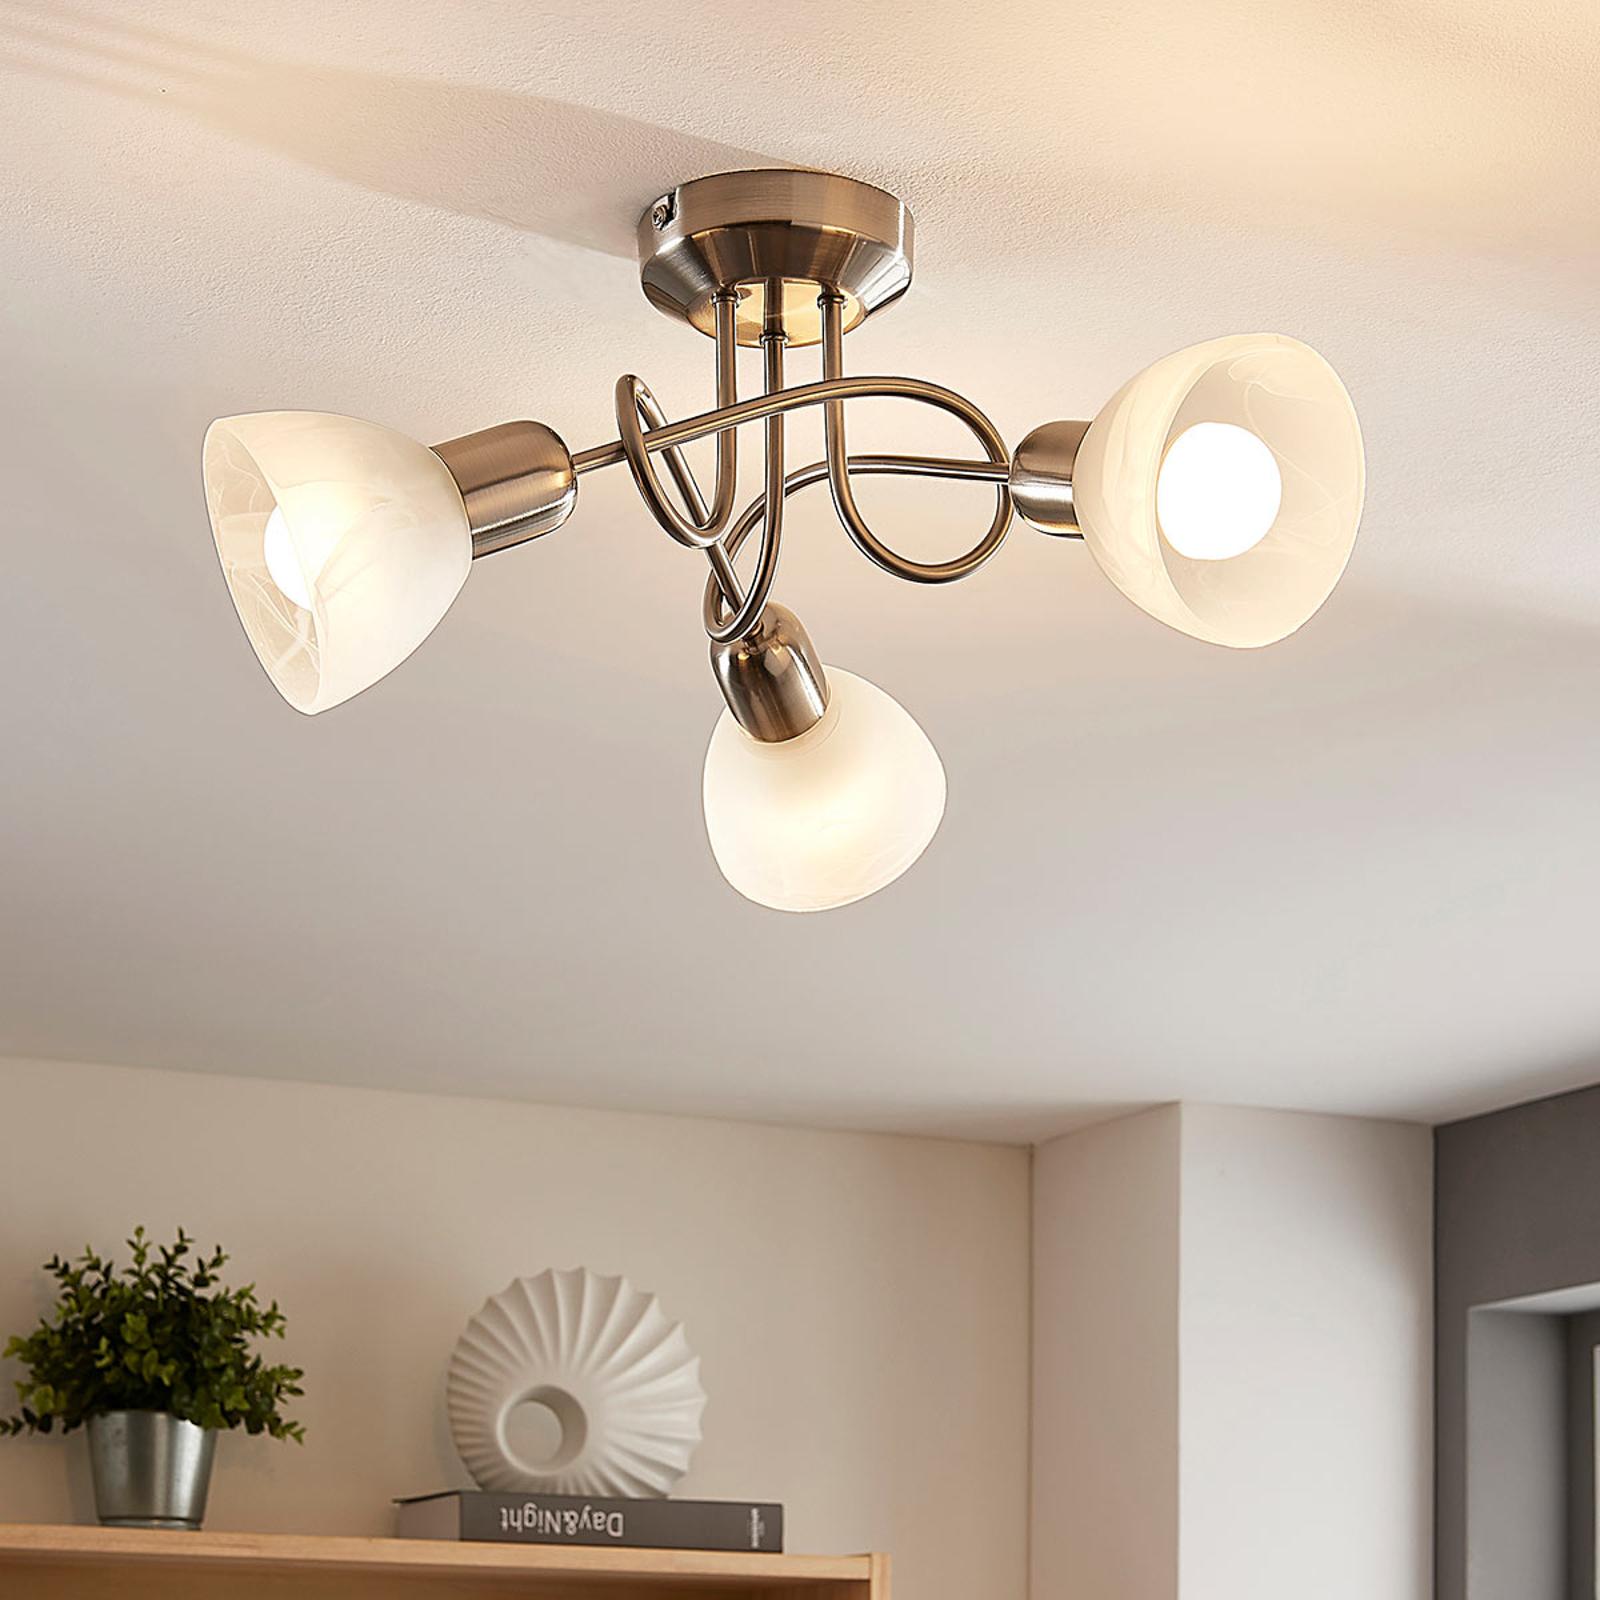 Lindby Paulina LED ceiling lamp, 3-bulb, round_9621642_1